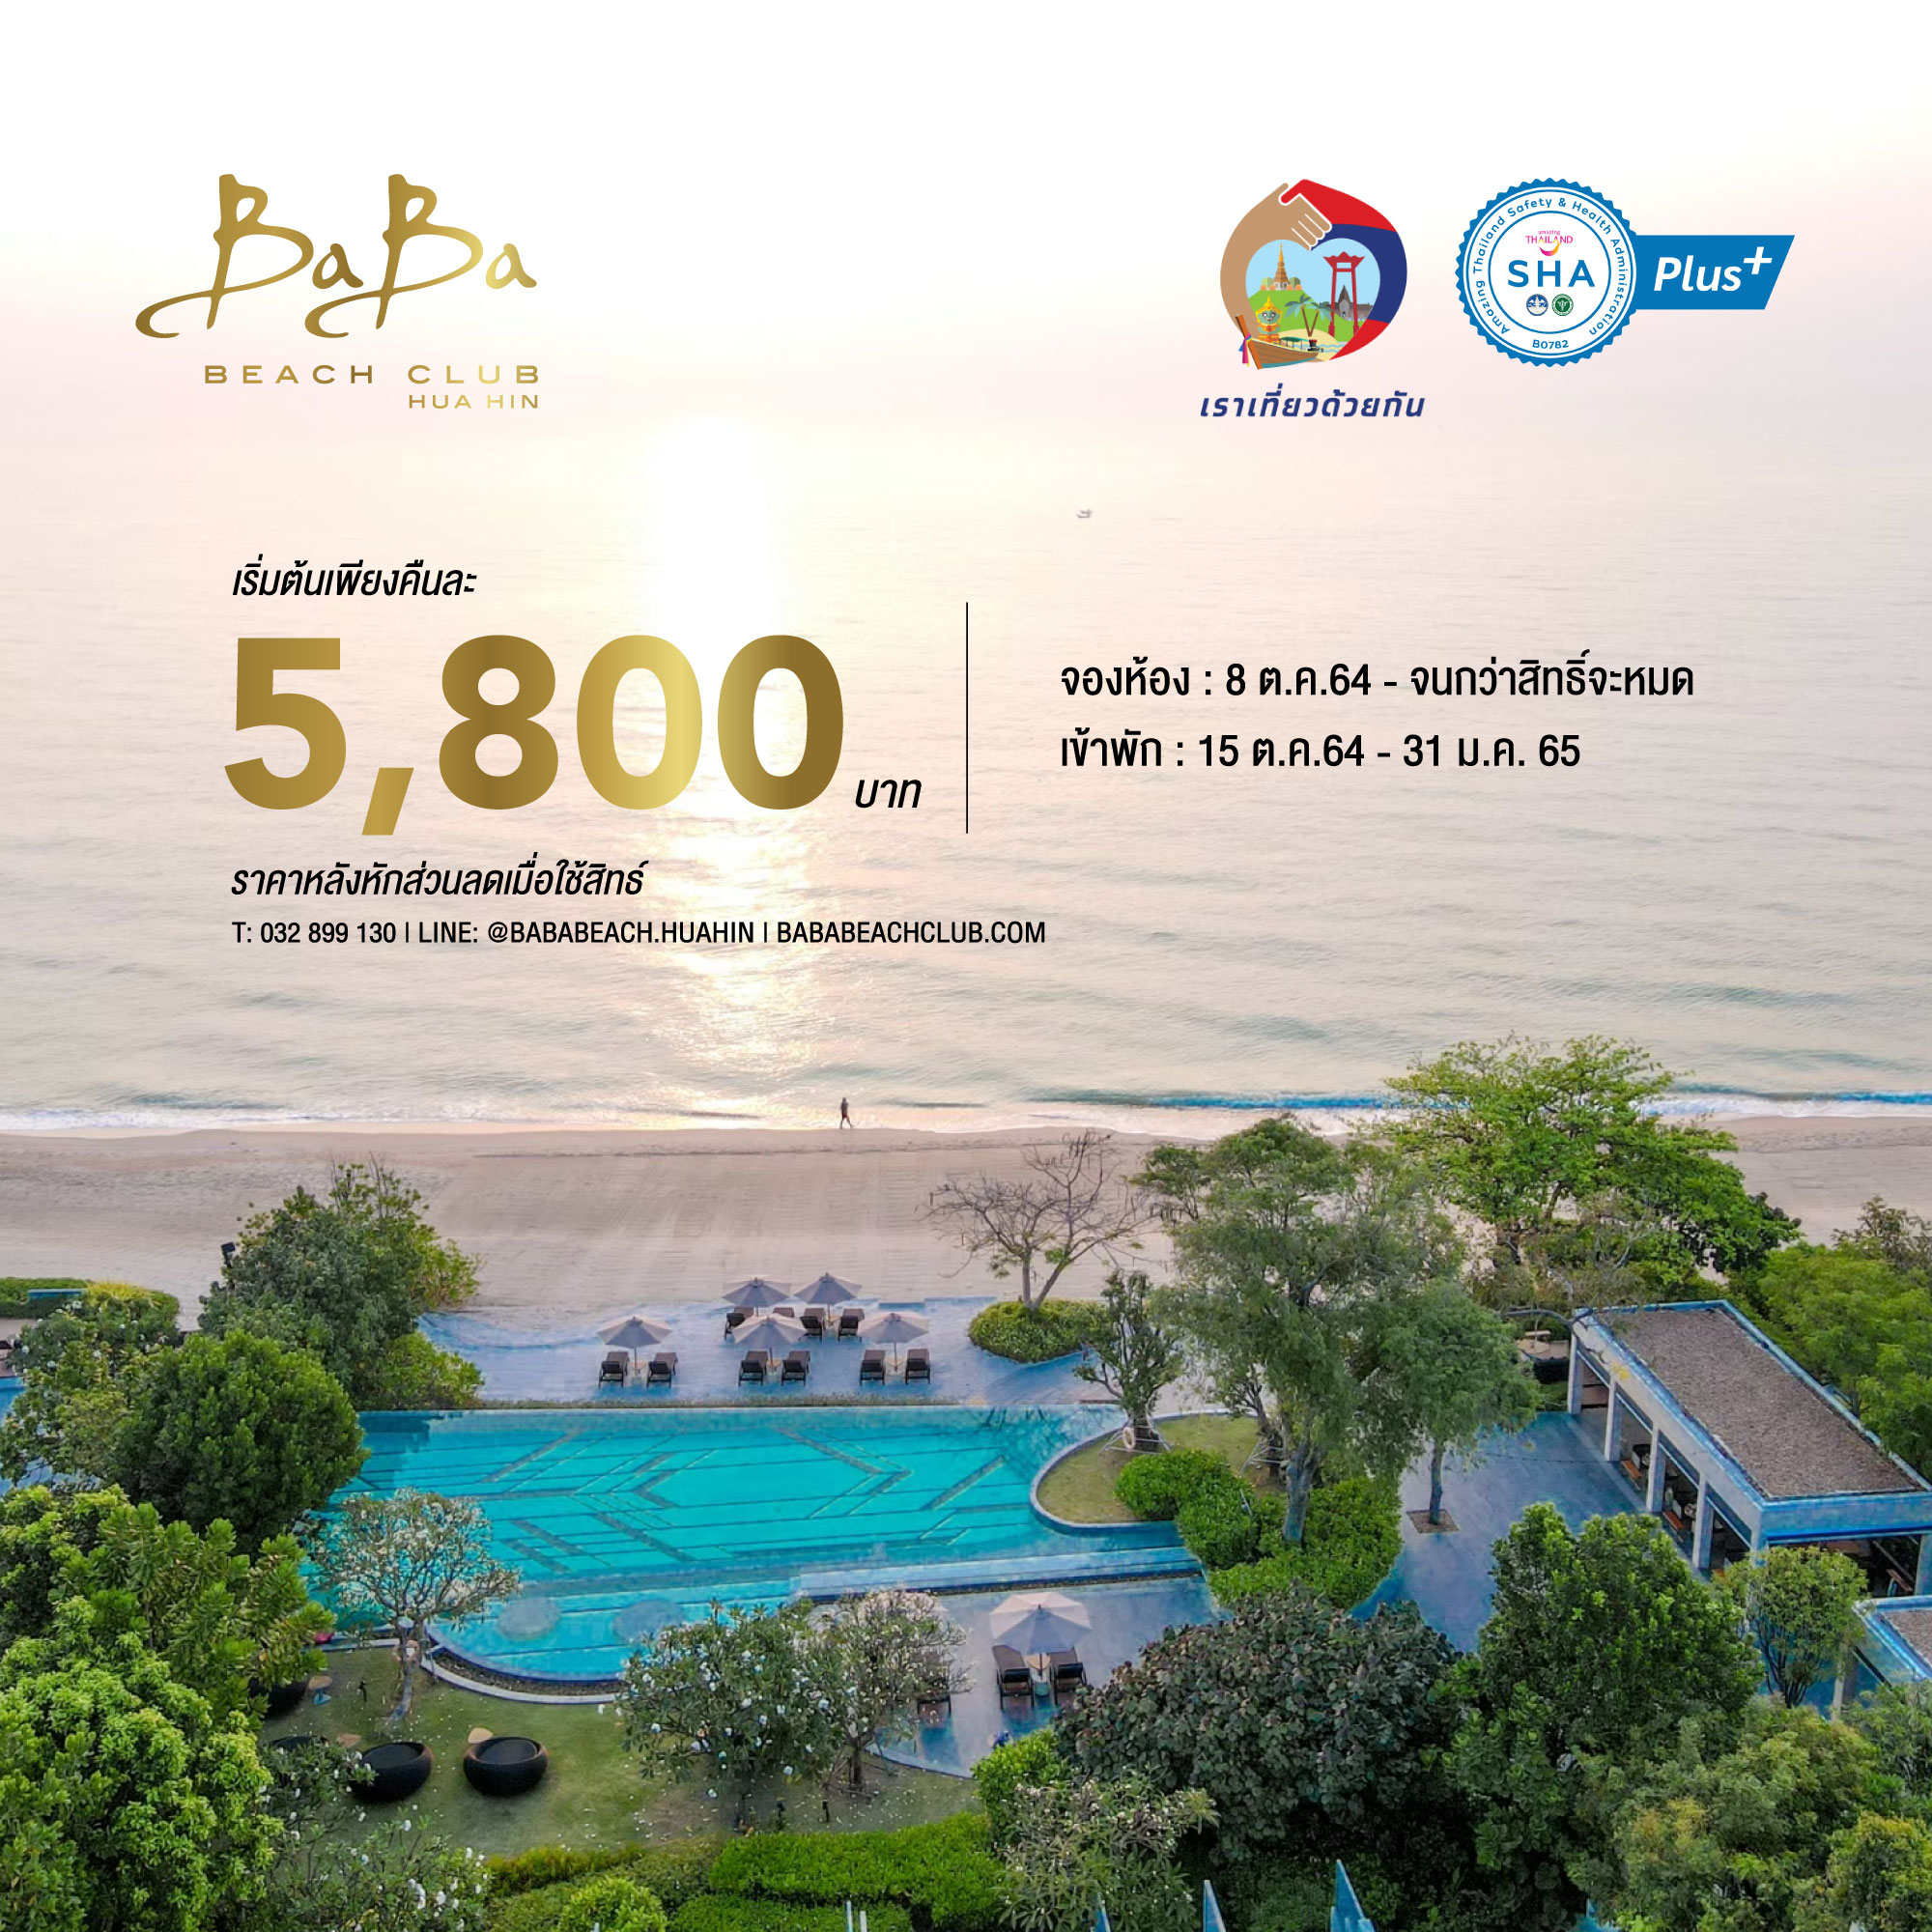 Baba Beach Club Privilege at Hua Hin